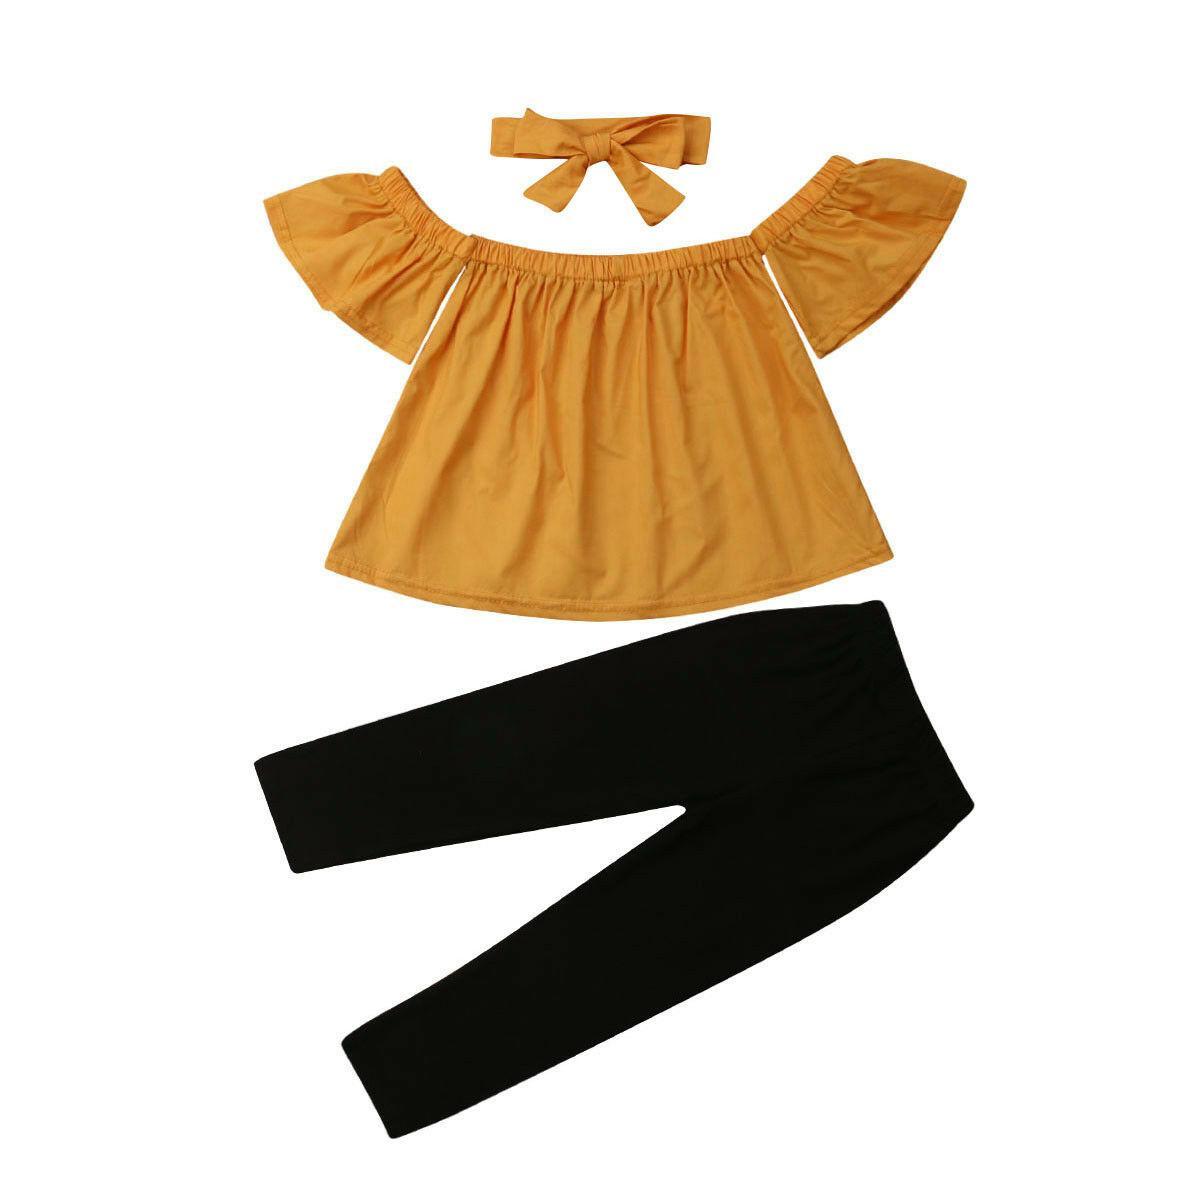 Yeni Pudcoco Çocuklar Bebek Kız Kıyafetler Katı Renk Kapalı omuz Çiçek Tank Gömlek Uzun Pantolon Bandı Moda Yaz Set Tops